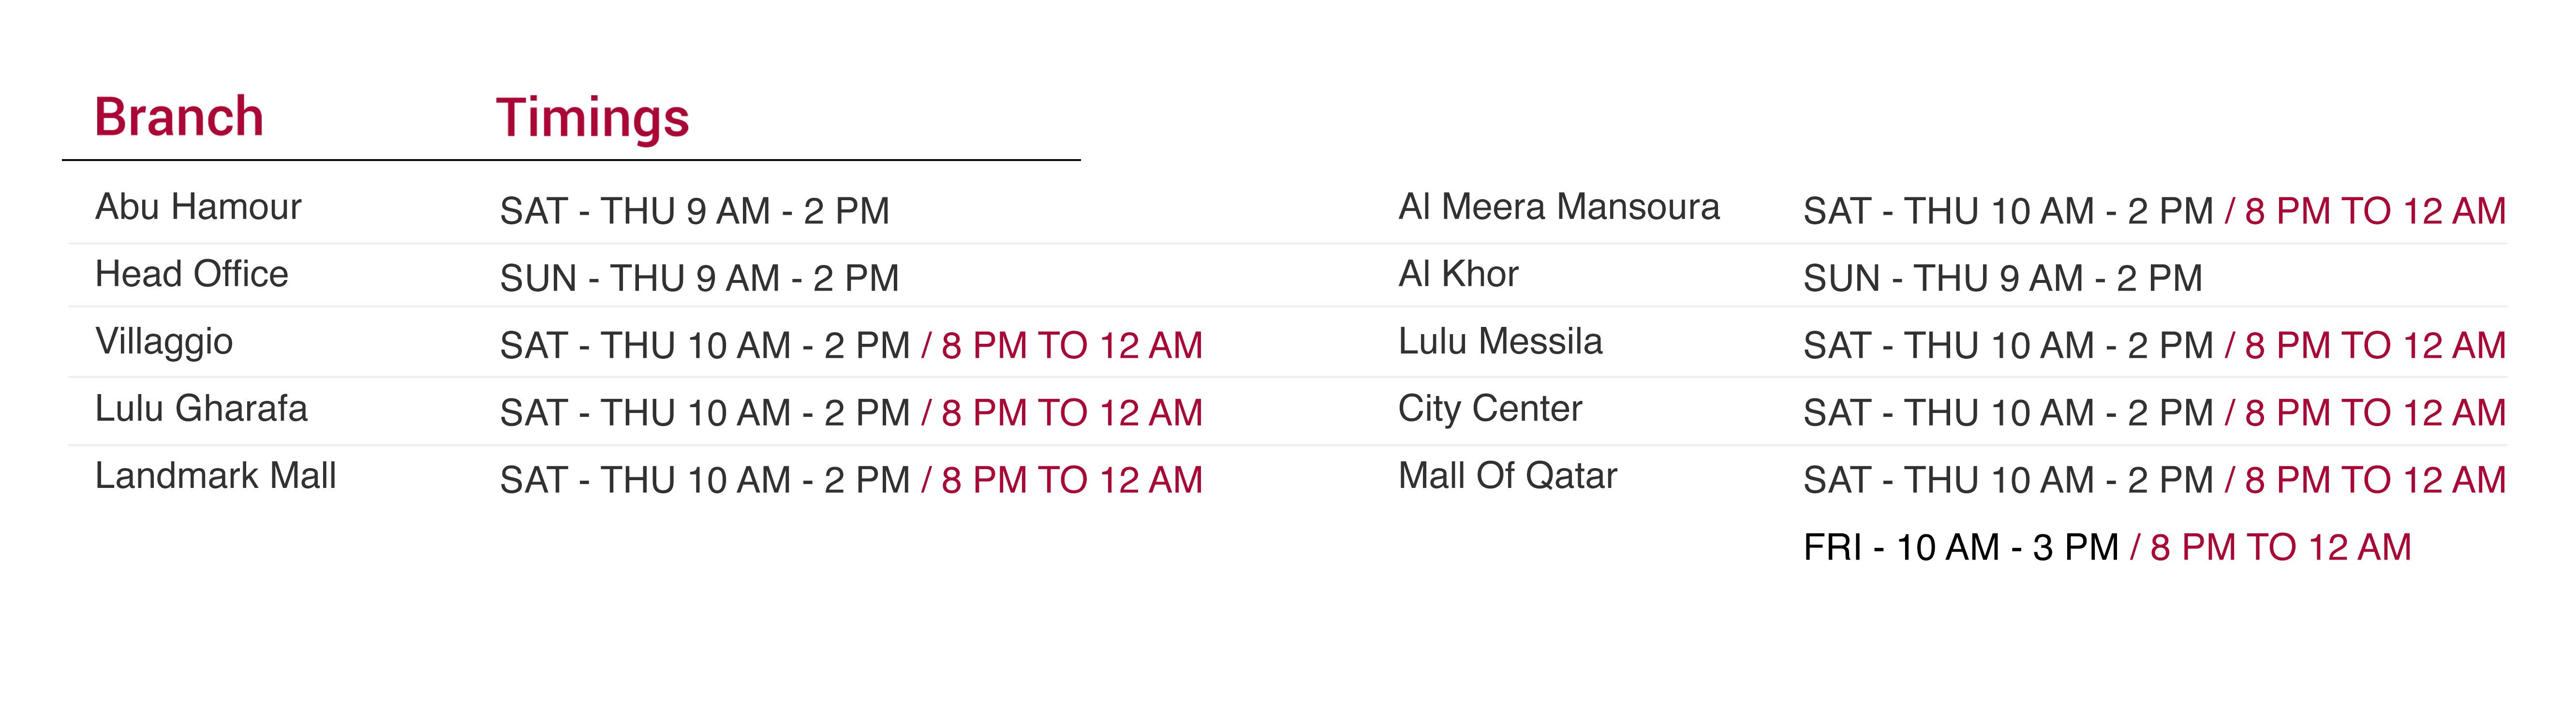 Ramadan Timings-QIC-2019